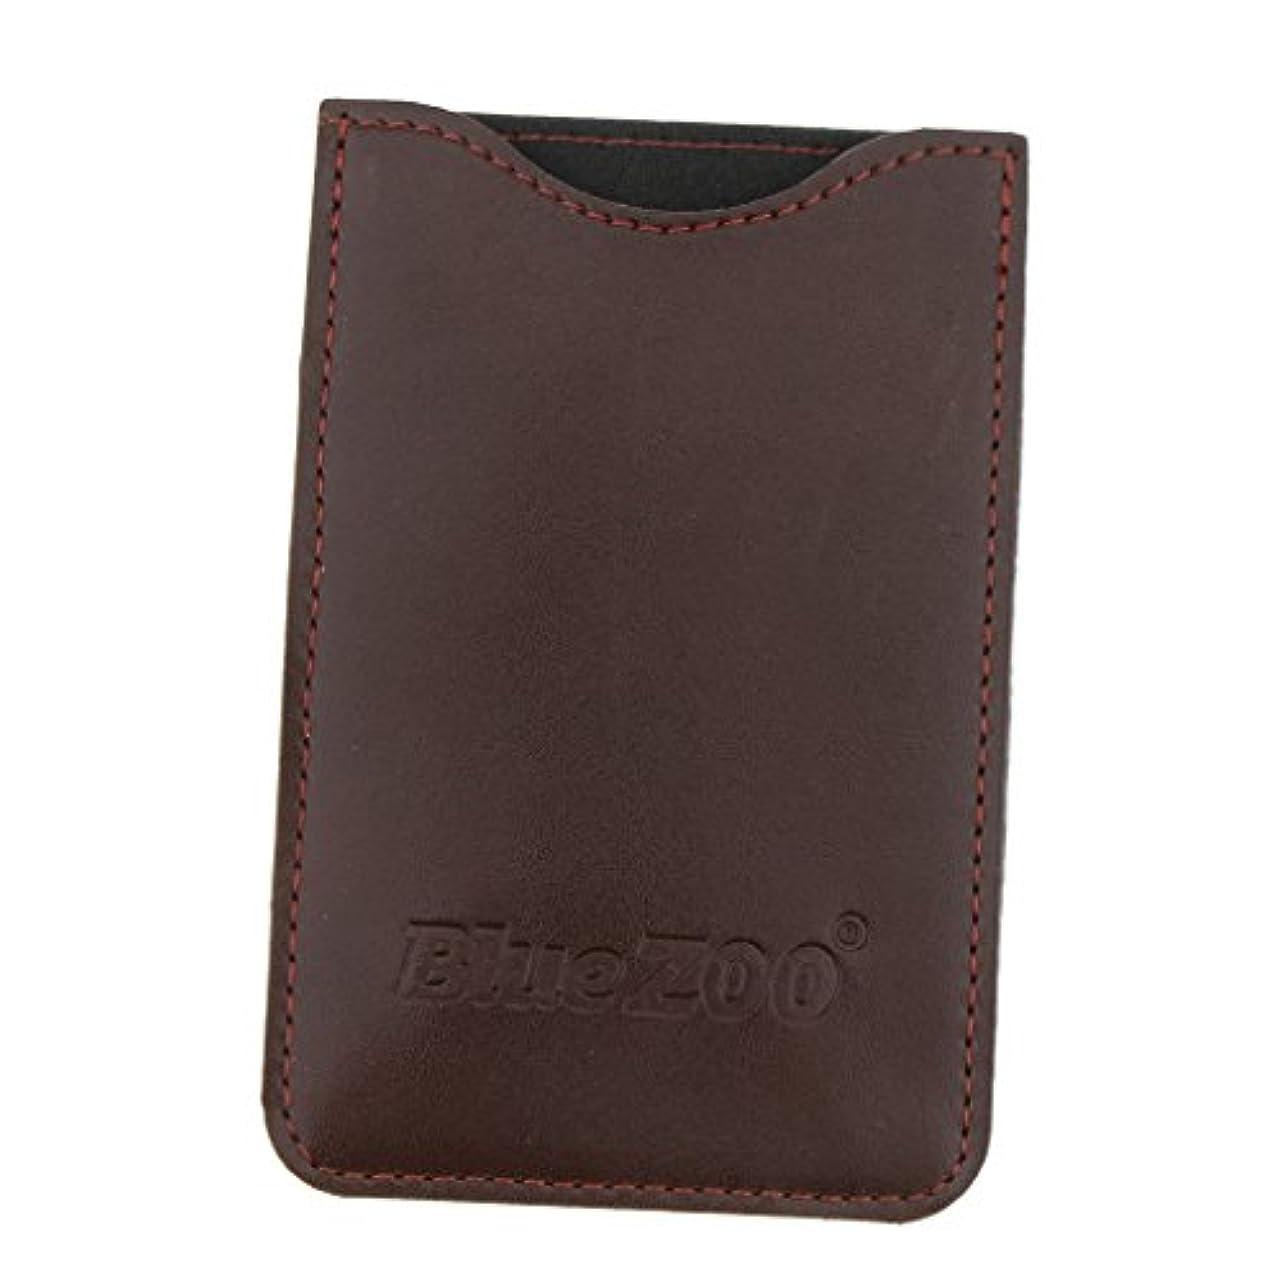 協力的臨検ディスコ収納パック 収納ケース 保護カバー 櫛/名刺/IDカード/銀行カード 旅行 便利 全2色 - 褐色